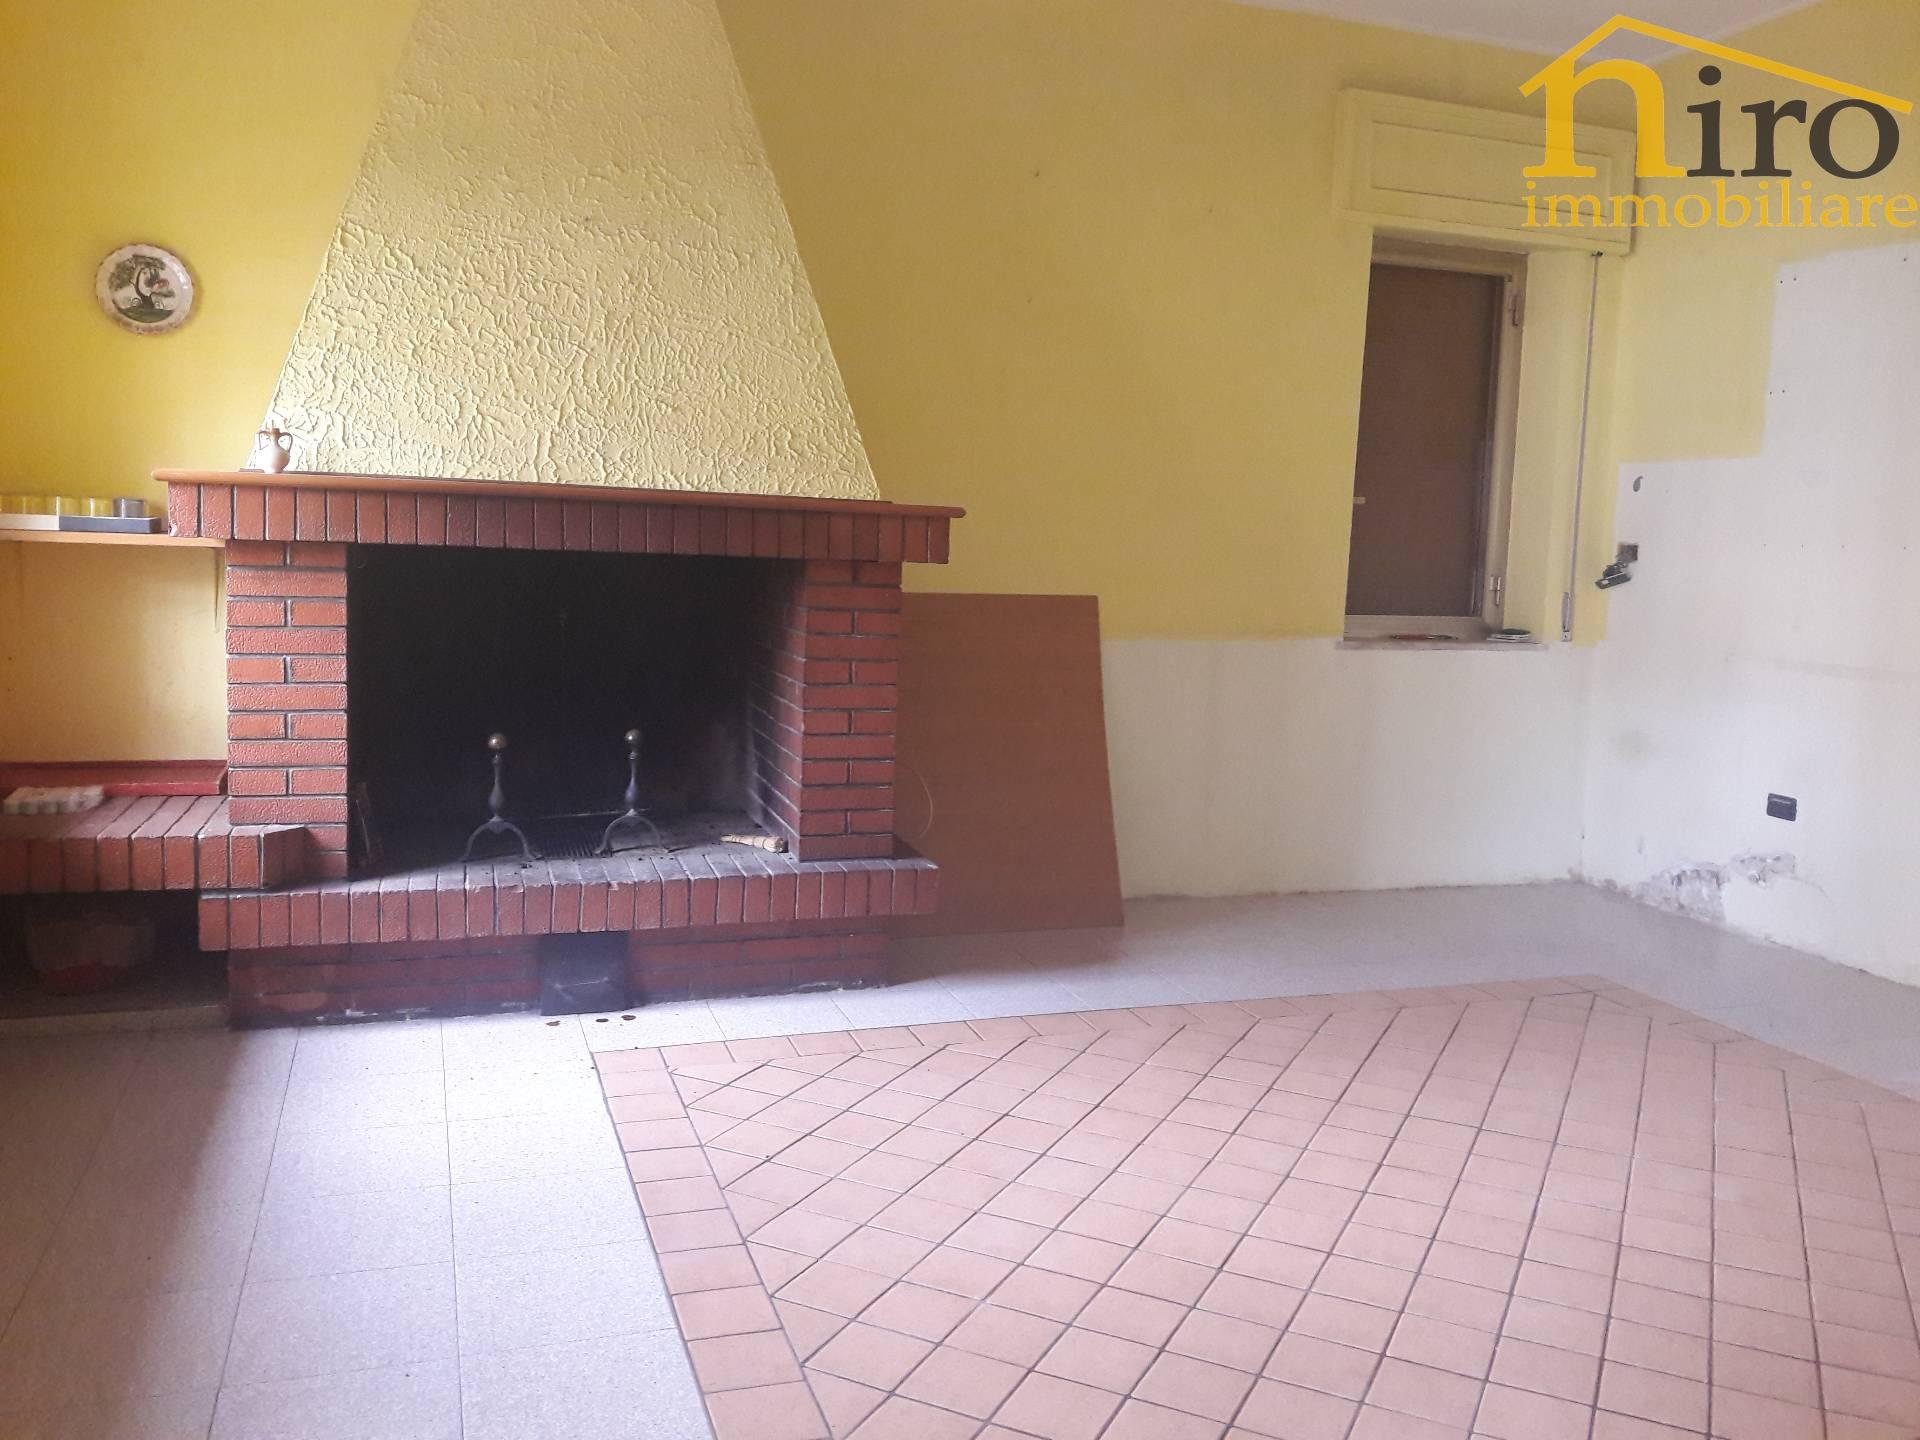 Vendita Villa Montesilvano via marinelli  - Foto 1 immagine 2 di 7